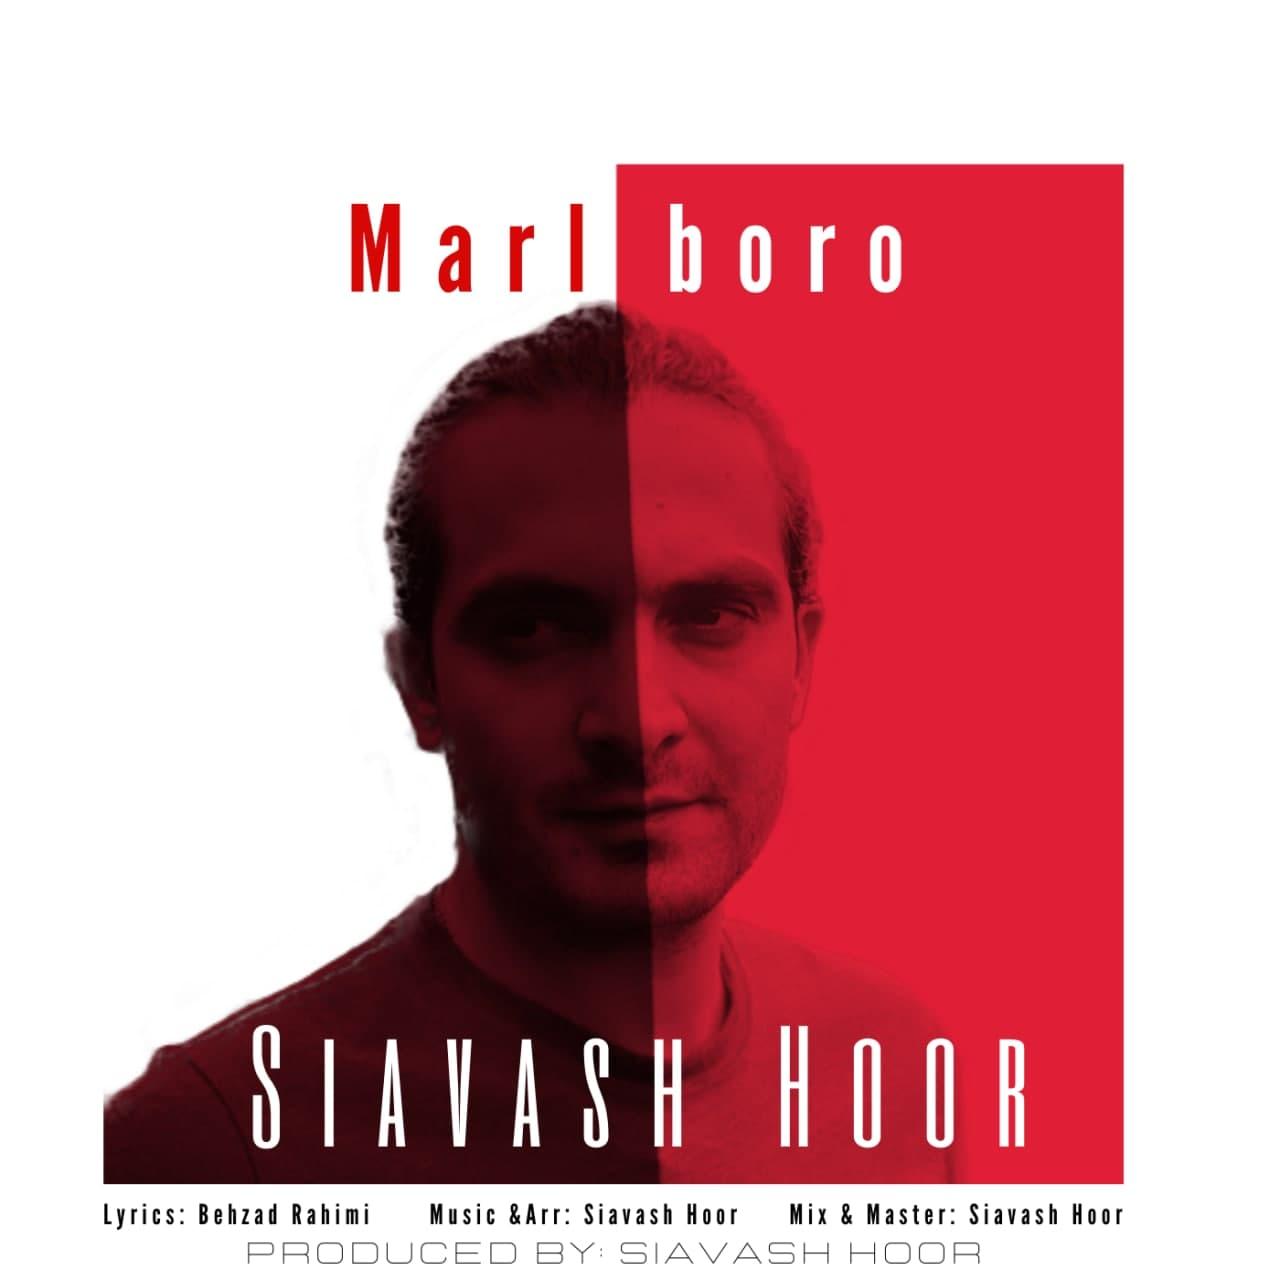 دانلود آهنگ جدید سیاوش حور بنام مارلبرو